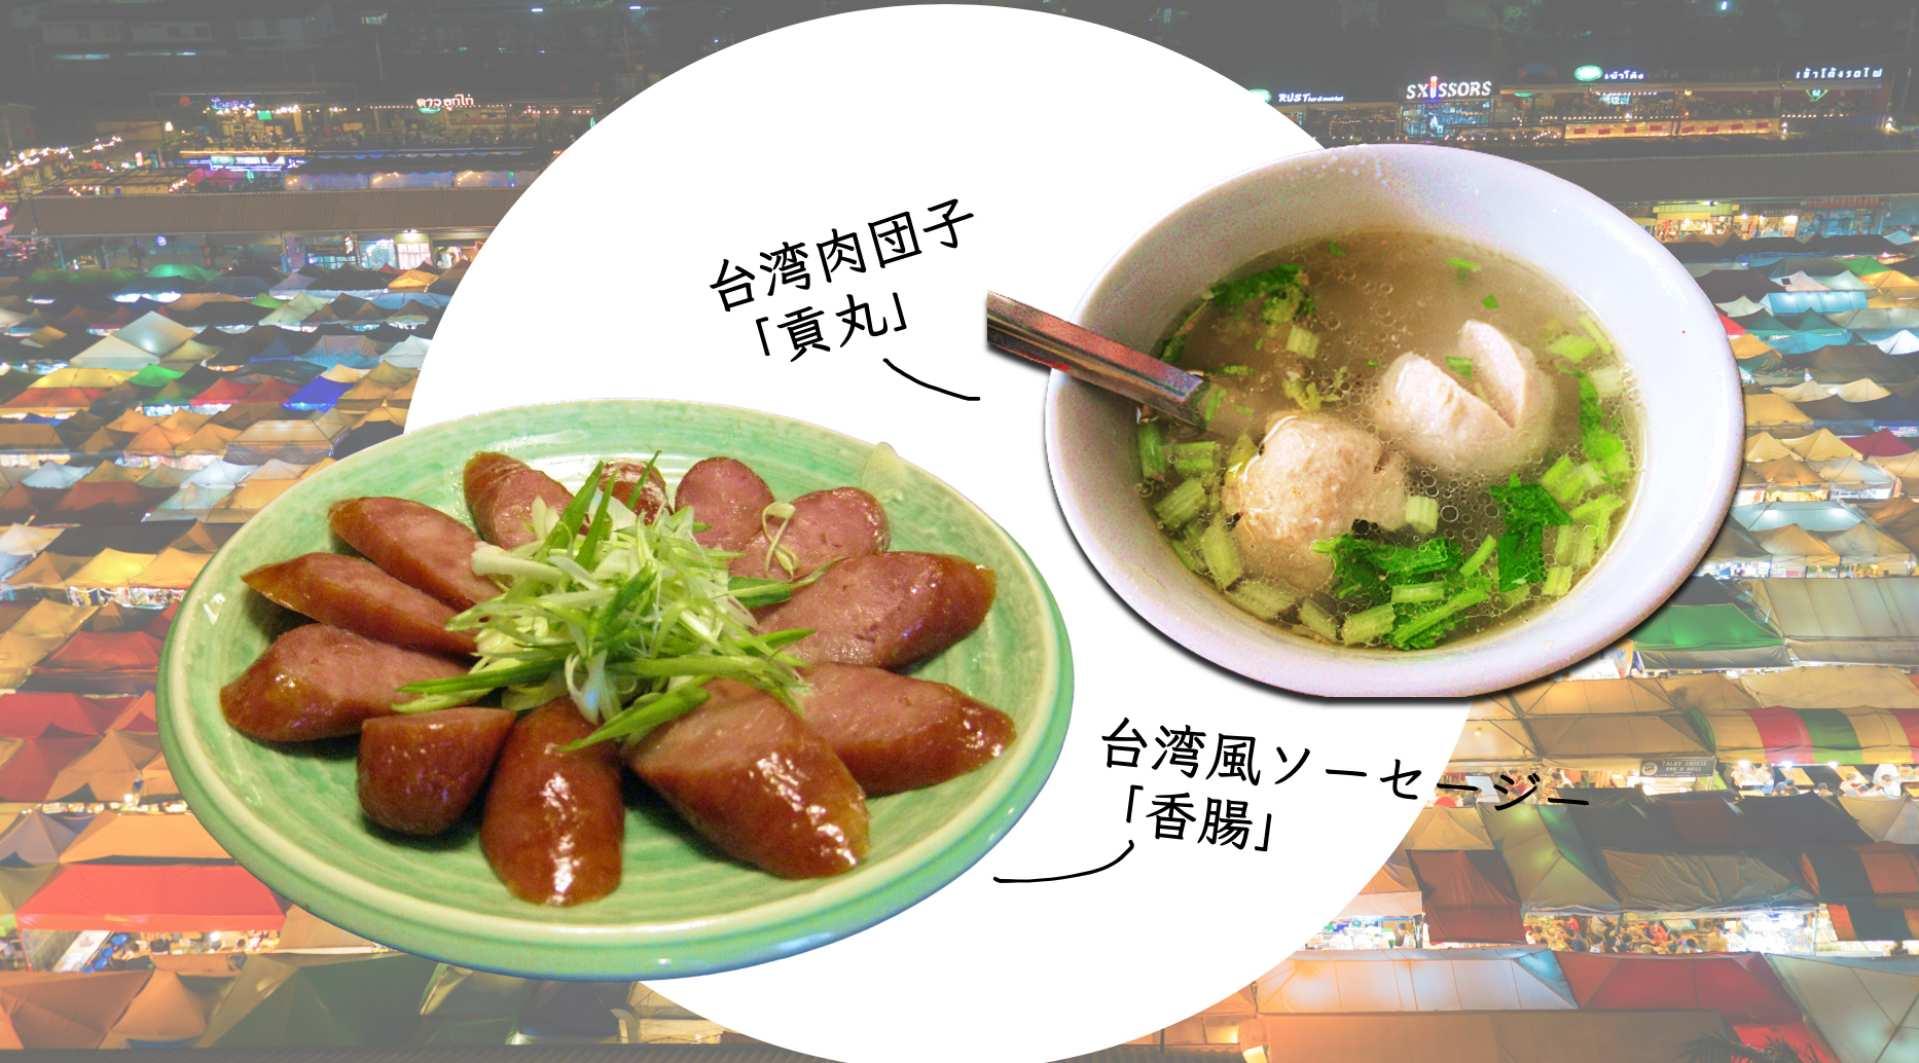 おうちで台湾|本場台湾の味|台湾夜市B級グルメセット_香腸・貢丸|日本配送|送料込み